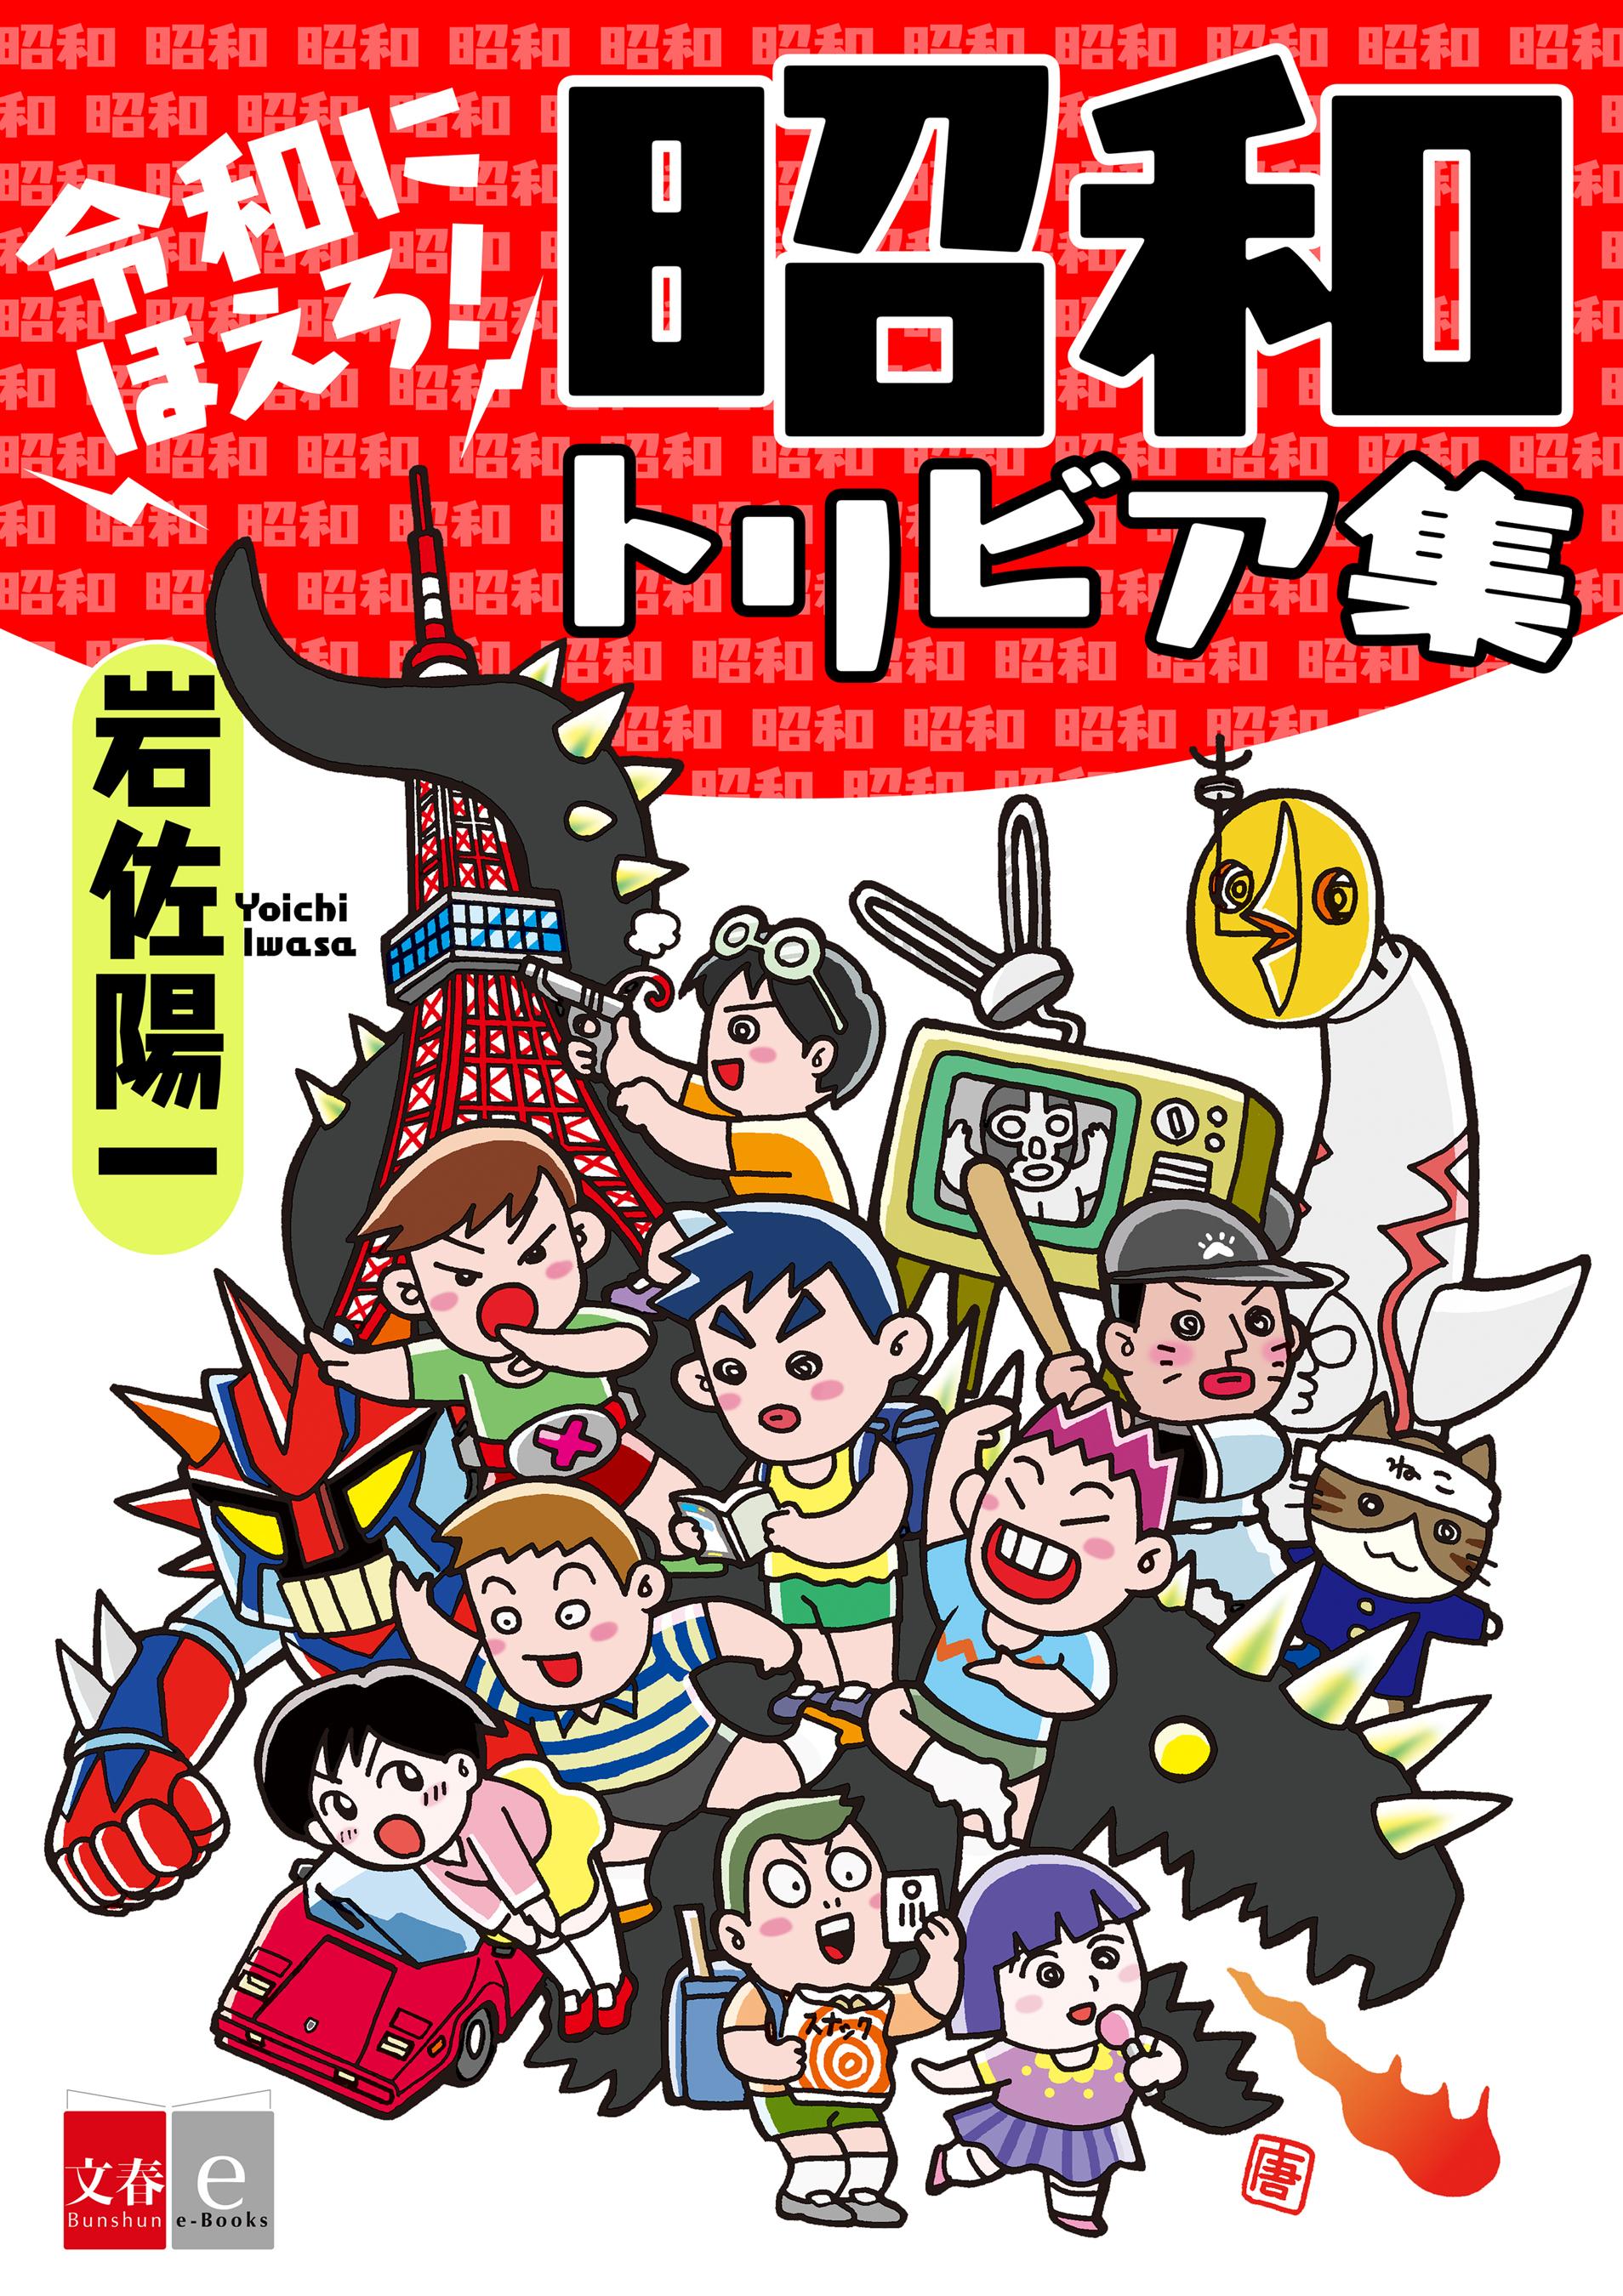 表紙はマンガ家・唐沢なをきさんの描き下ろし昭和カルチャーを語り尽くした電子書籍『令和にほえろ! 昭和トリビア集』10月30日(金)に発売